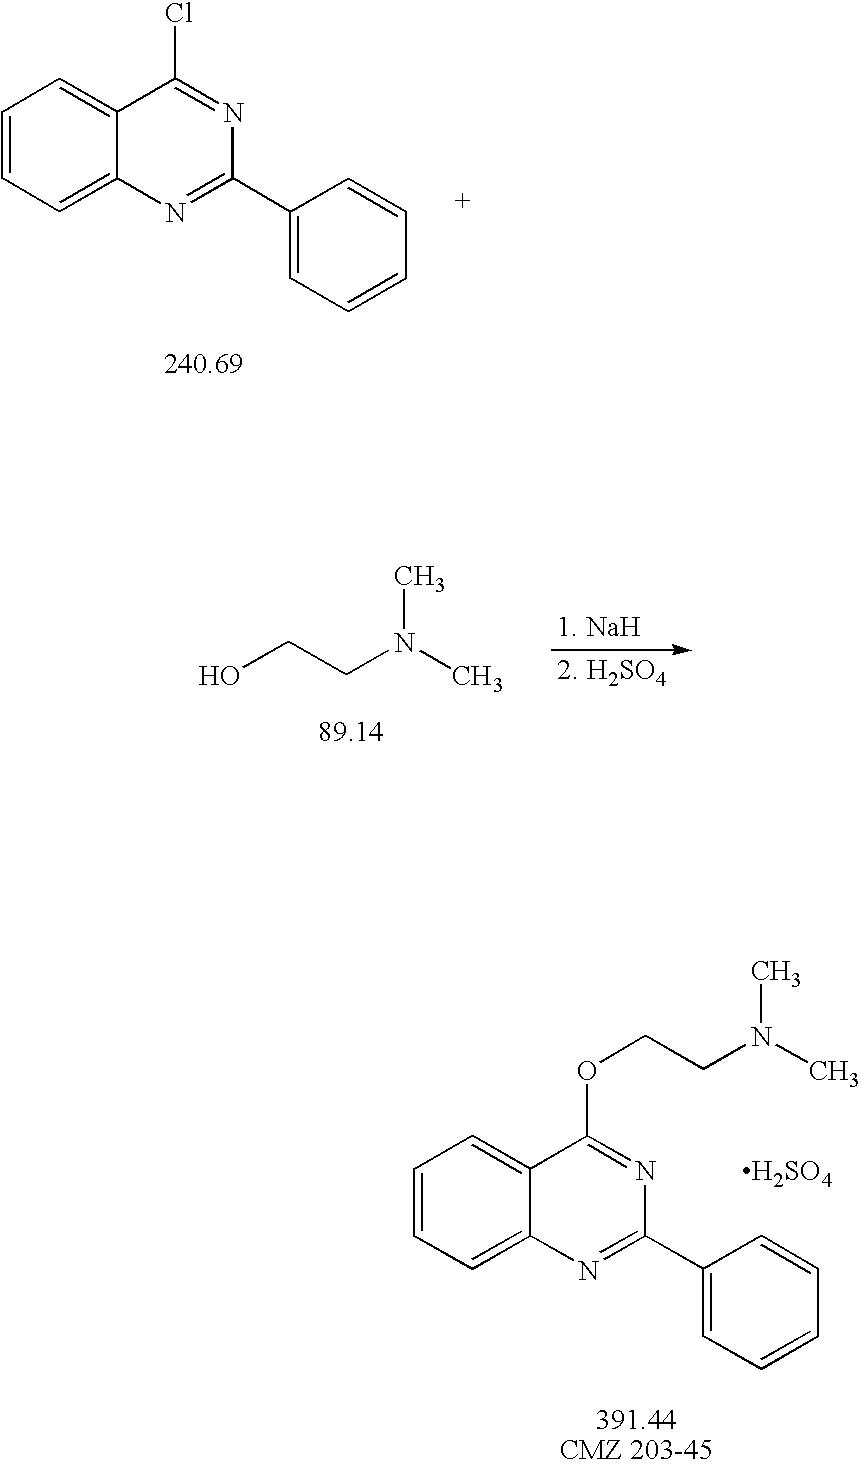 Figure US20070232622A1-20071004-C00318